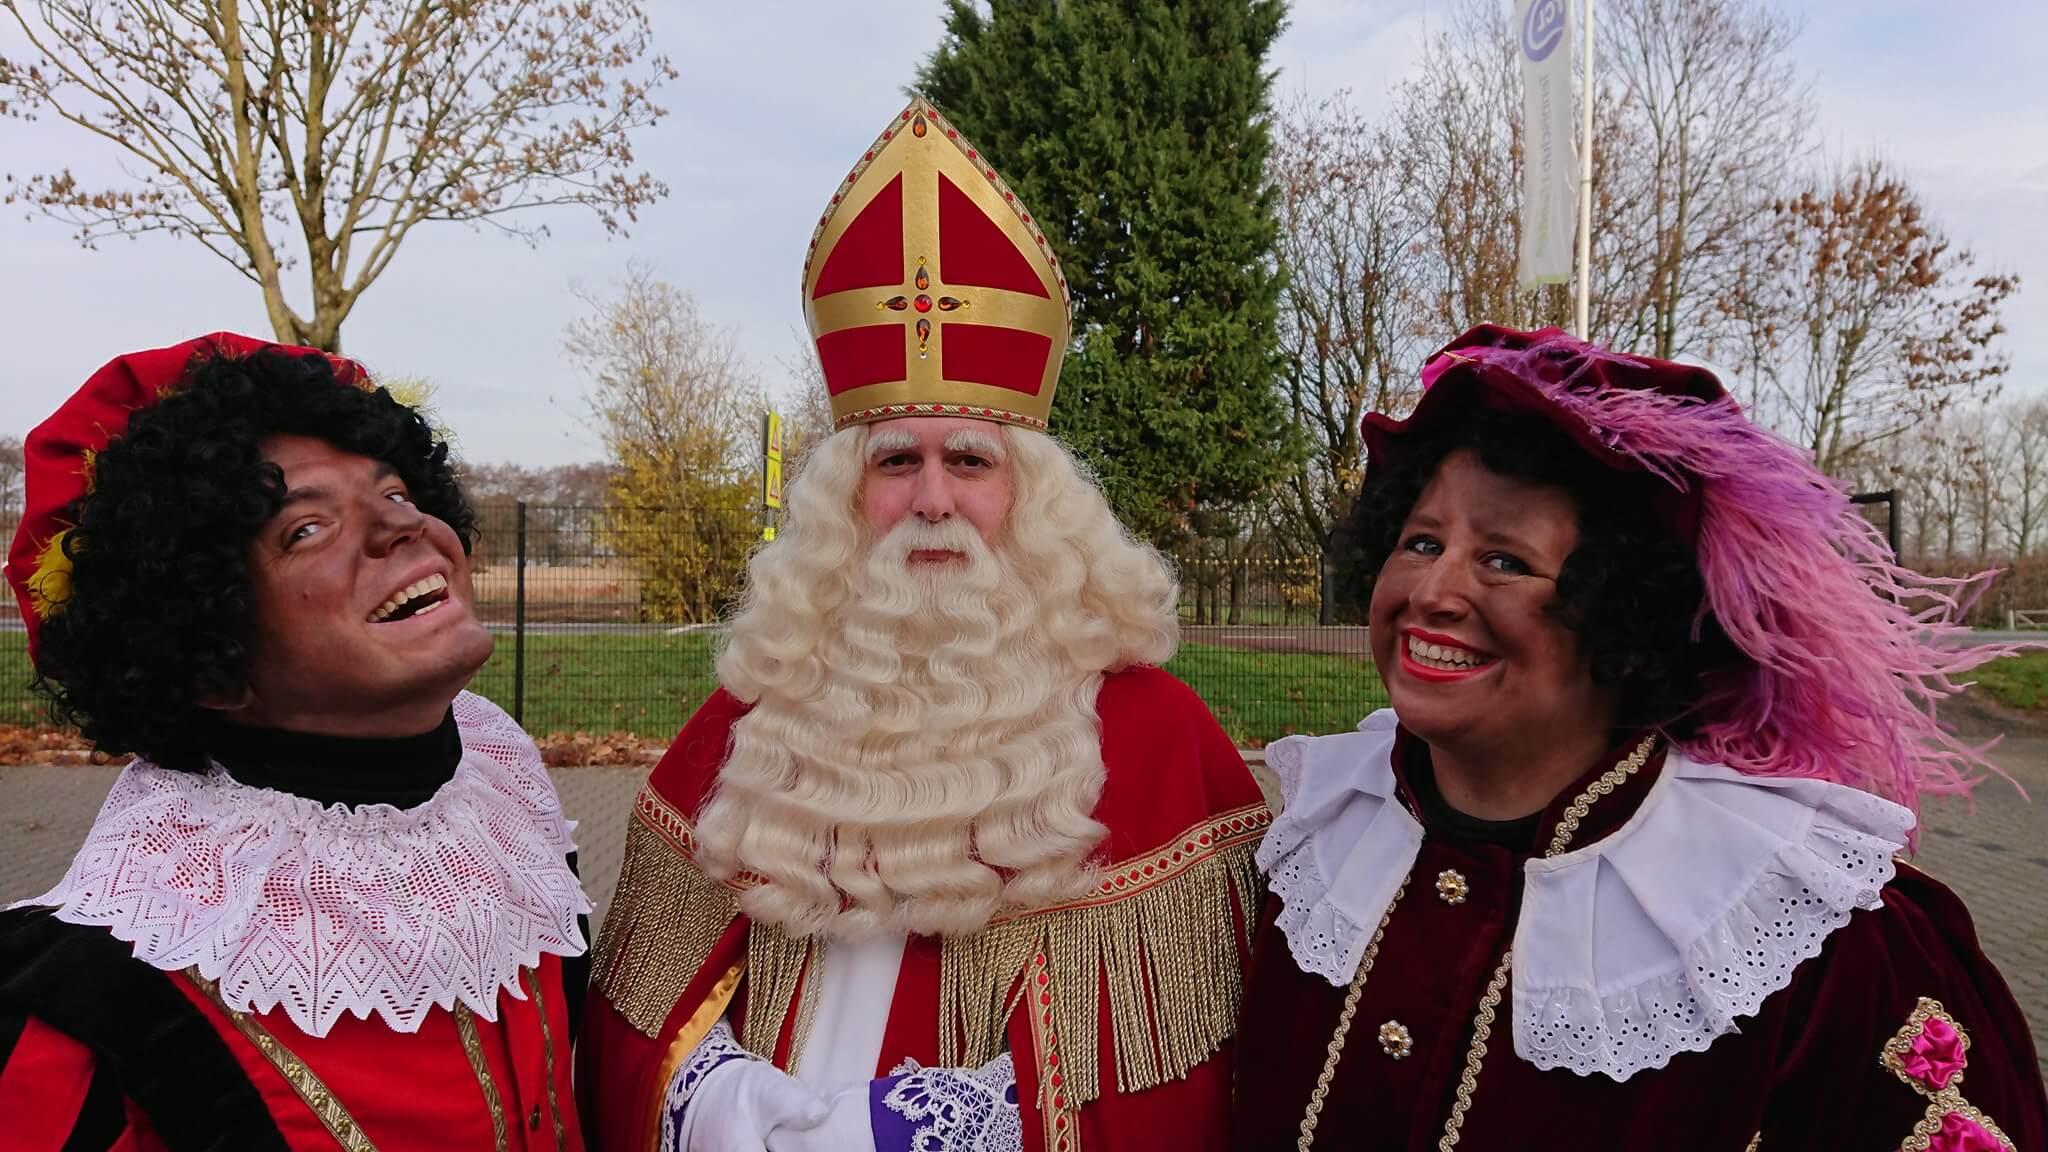 Sinterklaasfeest organiseren stappenplan roetveegpieten